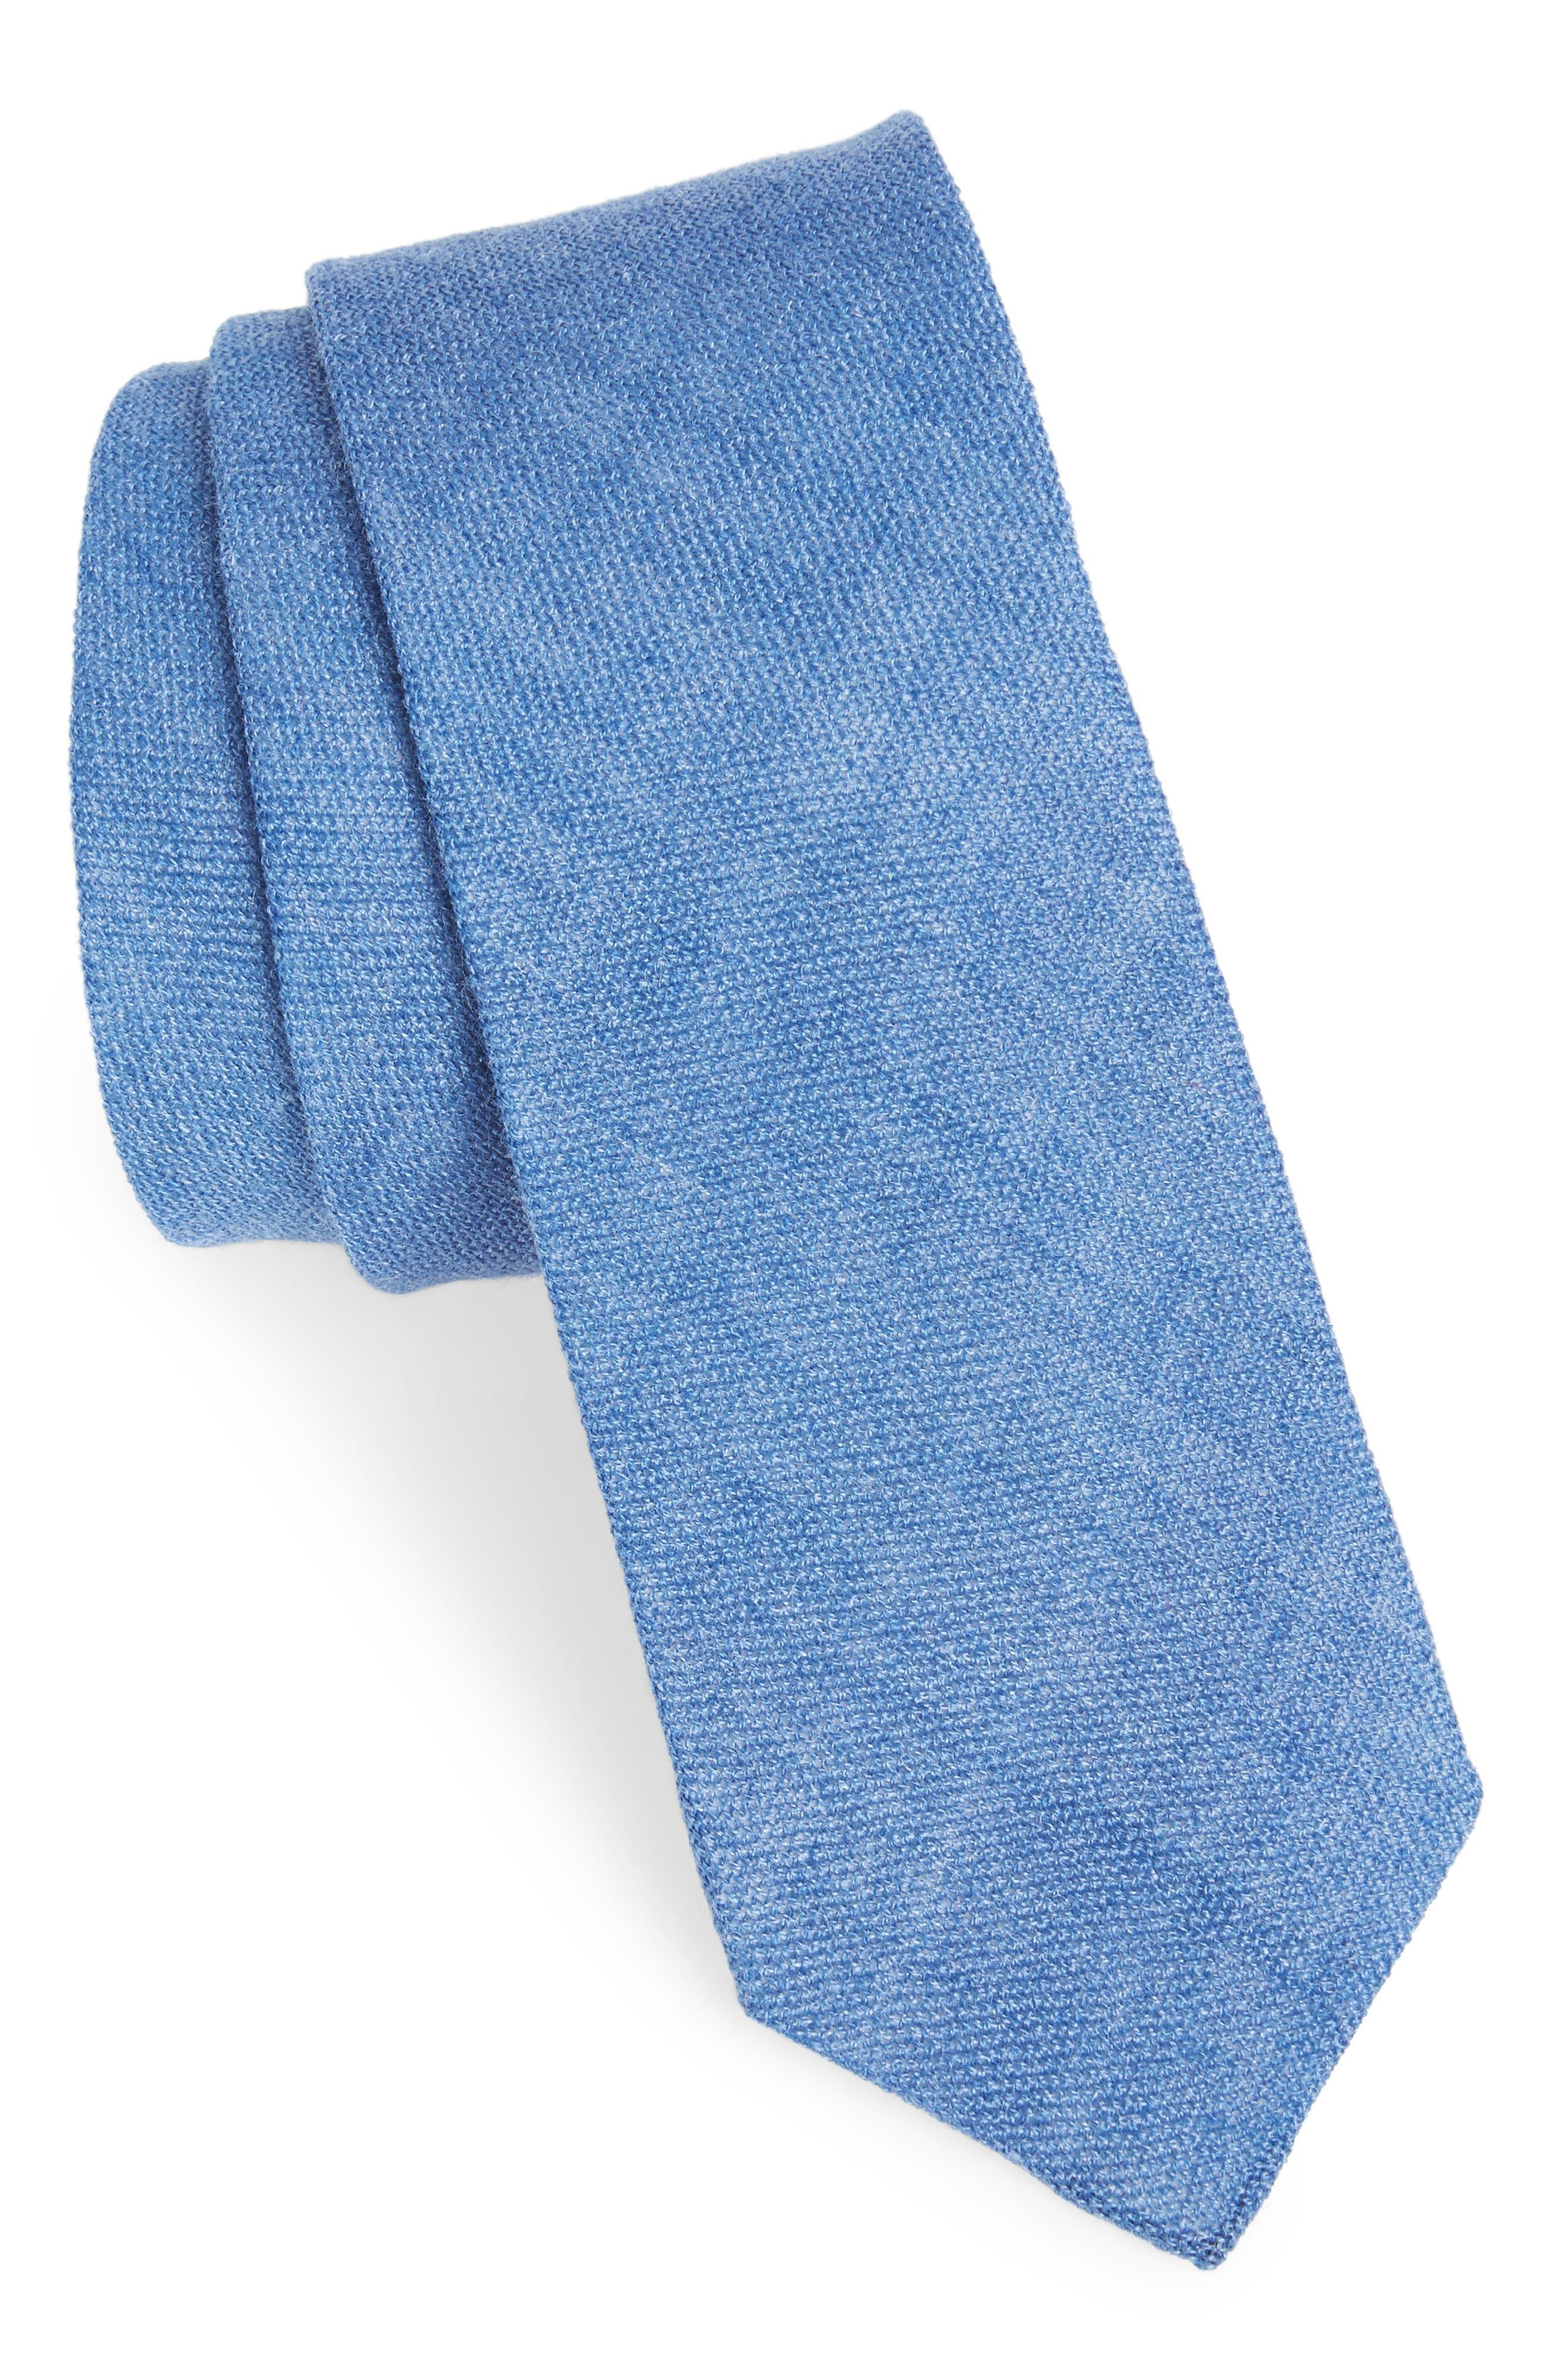 Bradford Solid Cotton Skinny Tie,                         Main,                         color, 400